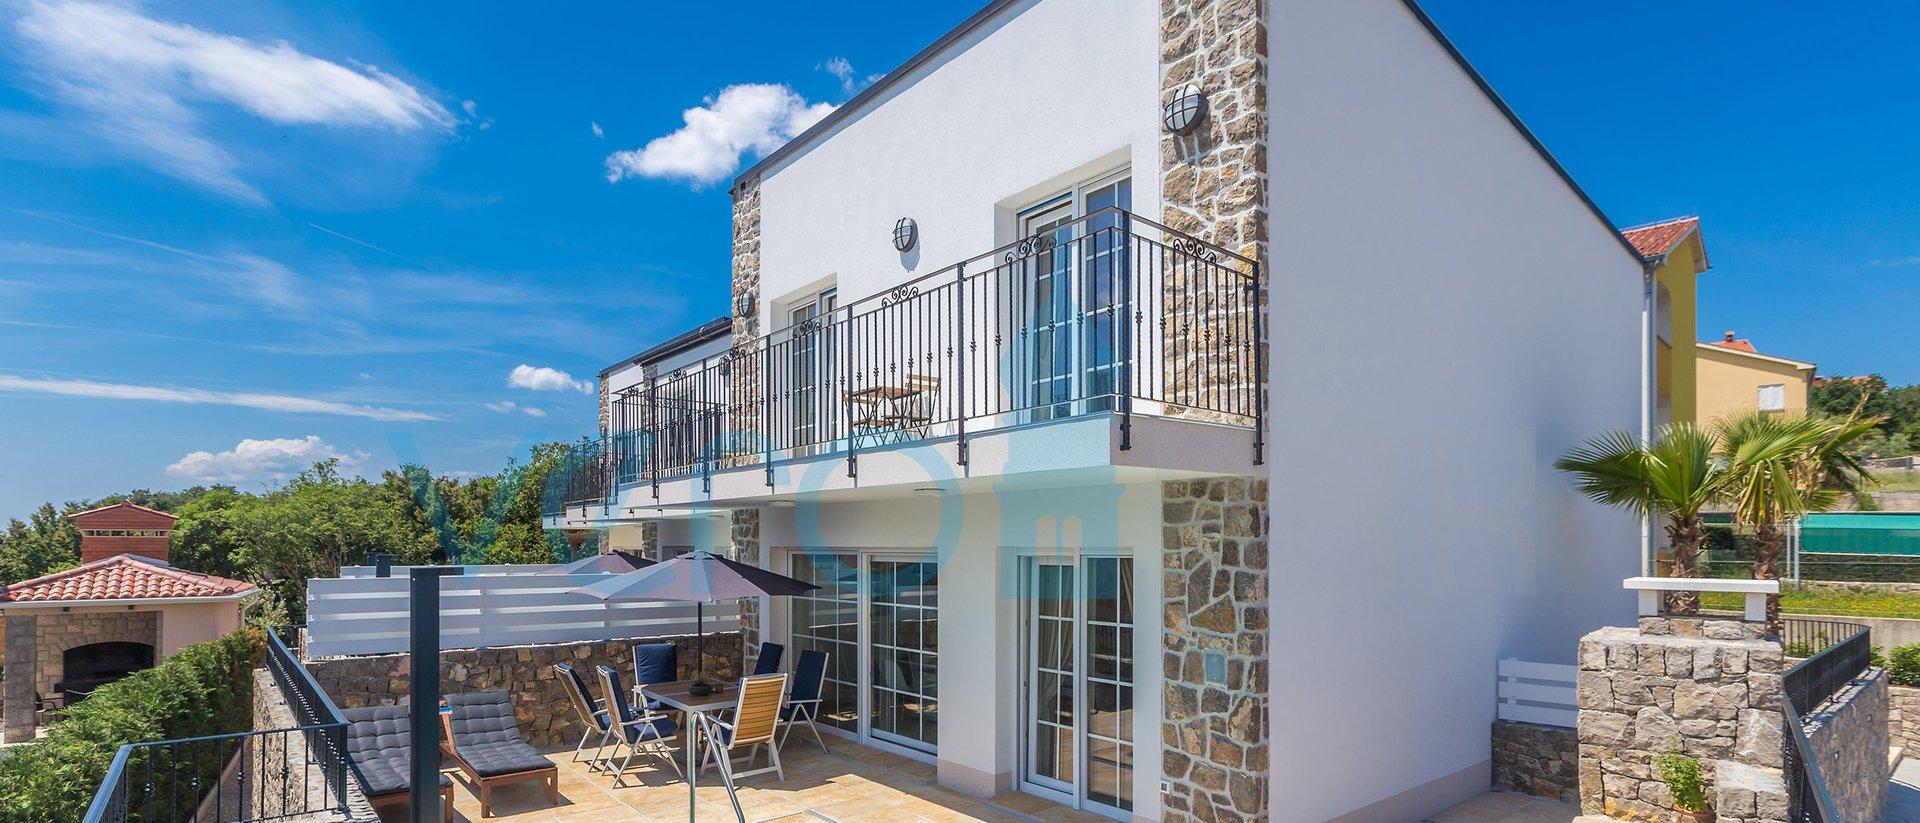 Città di Krk, dintorni, magnifiche ville con piscina in ottima posizione